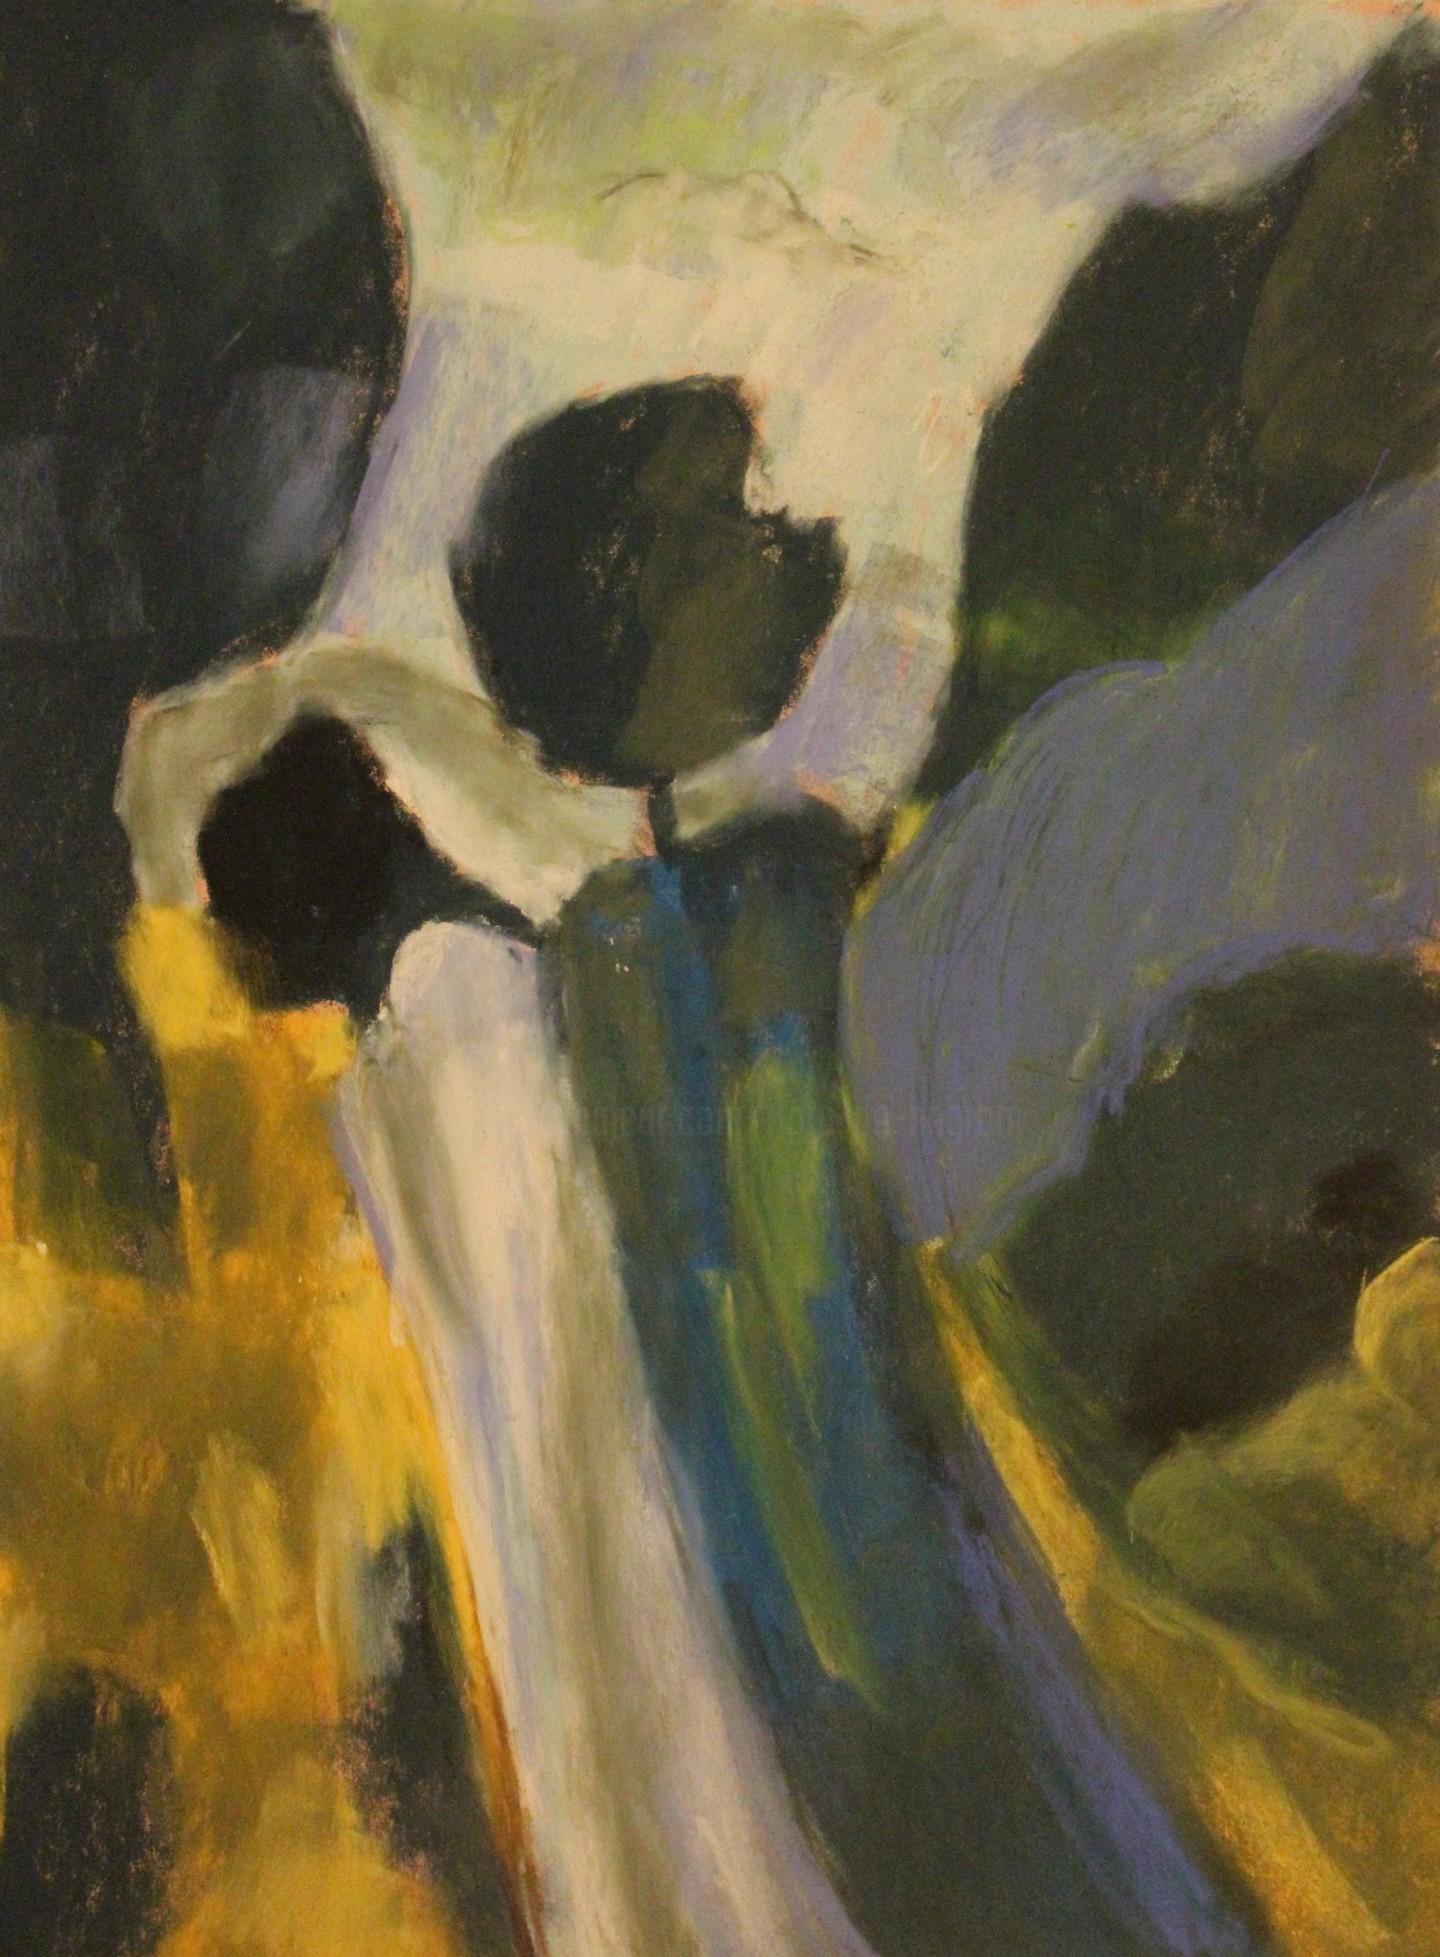 Anne Flora De Negroni - Hommage au peintre Luke Florio